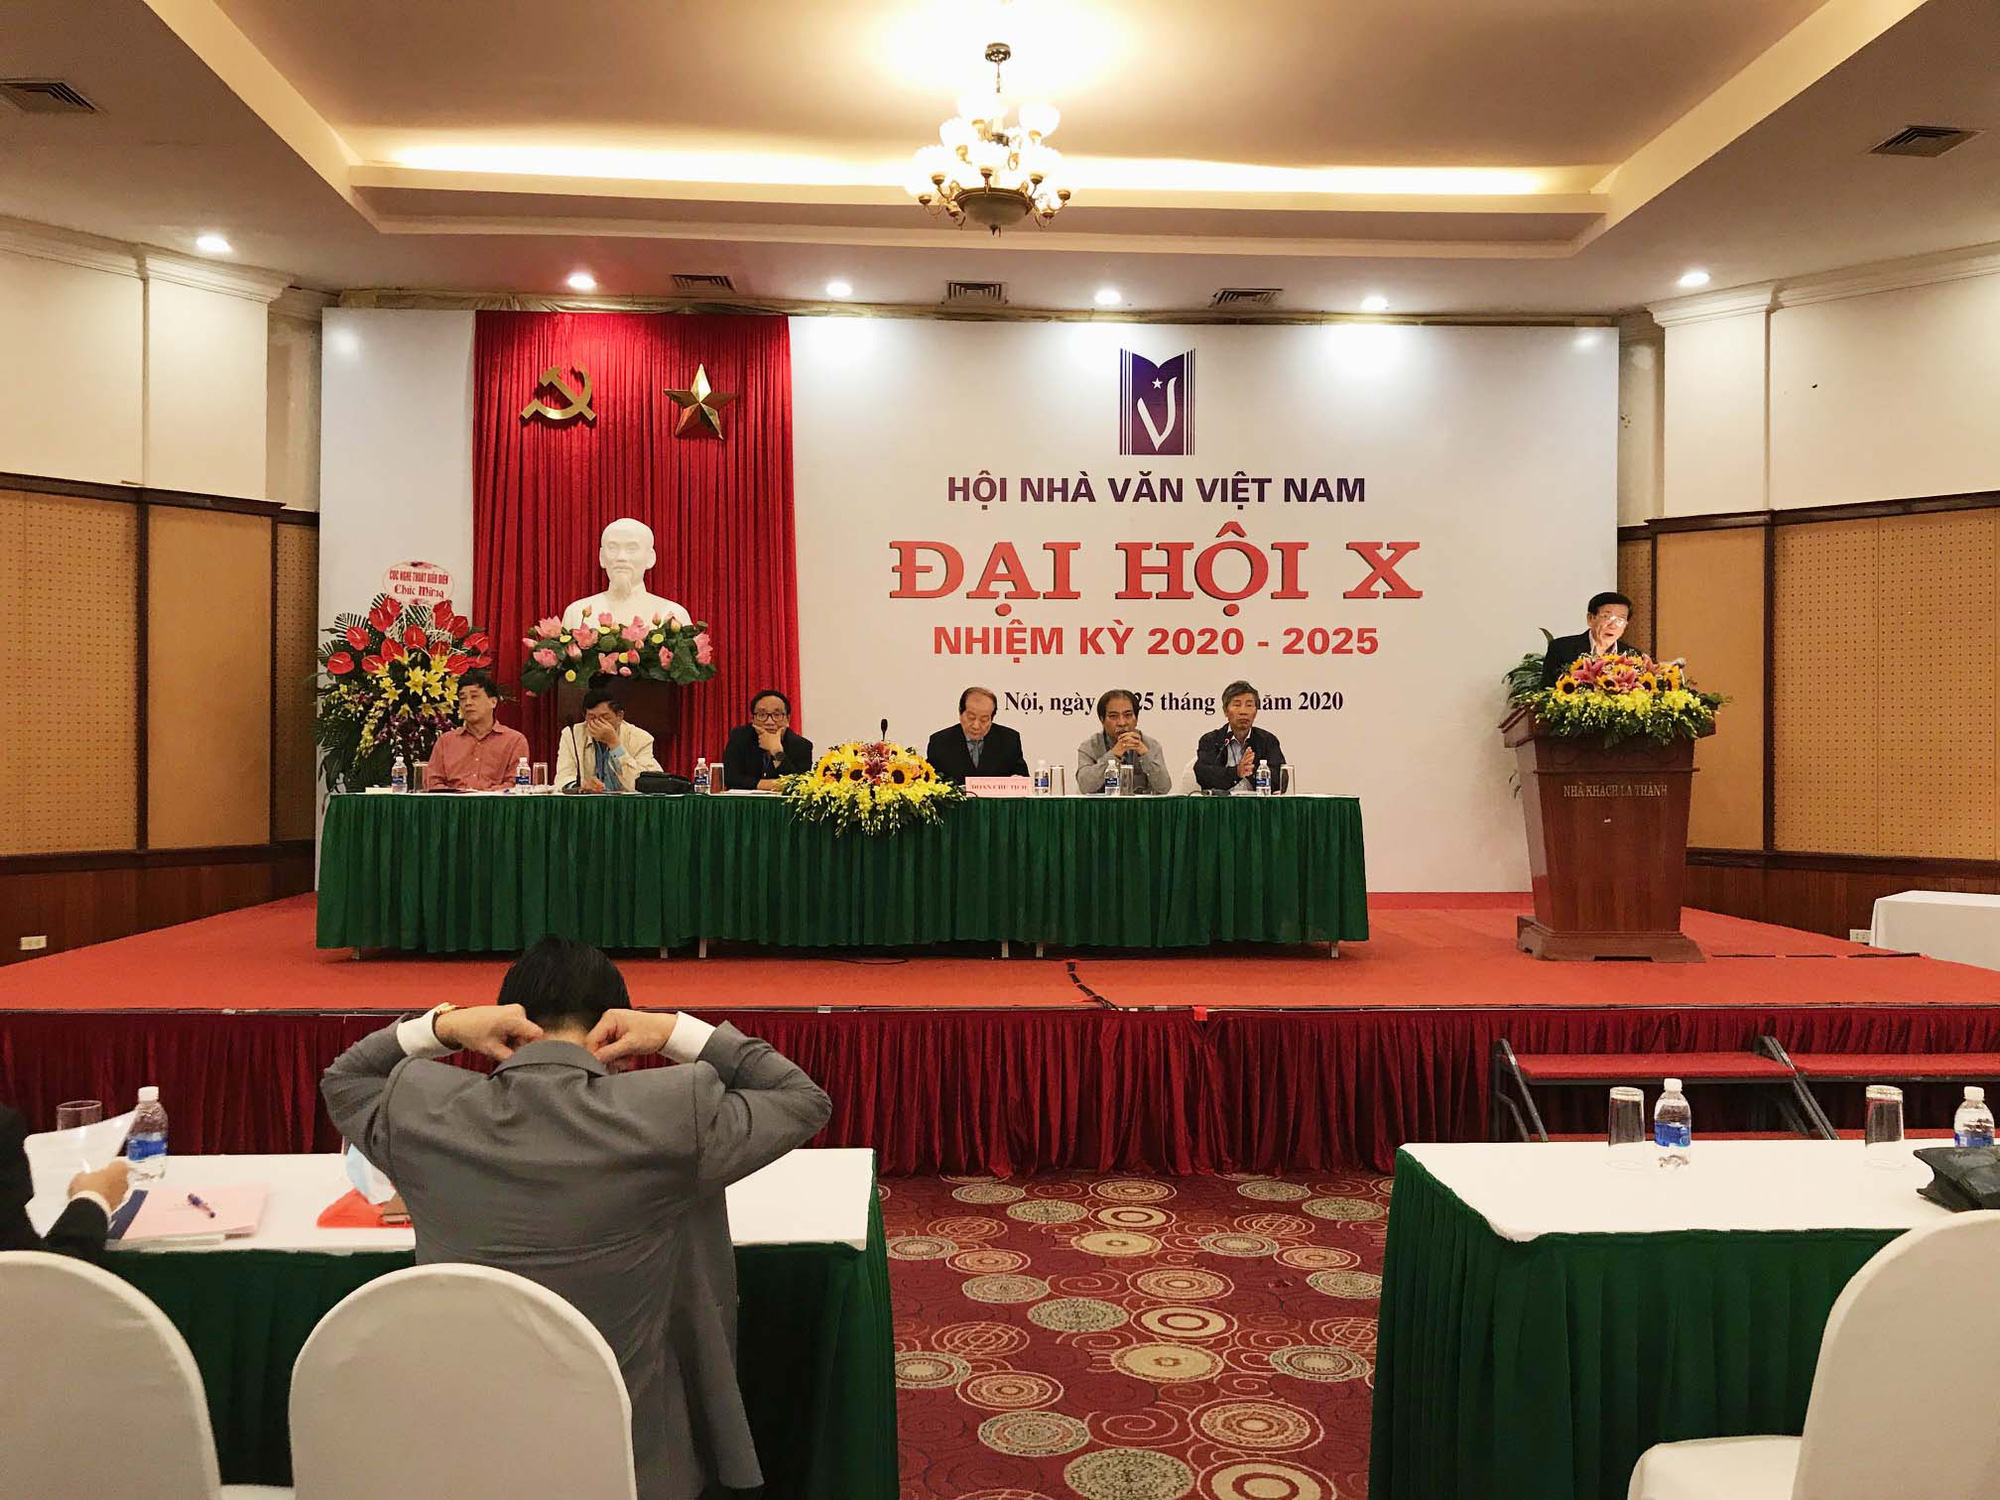 Đại hội Hội nhà văn Việt Nam khoá X: Kỳ vọng nhiều tác phẩm về nông thôn và chống tham nhũng.  - Ảnh 1.